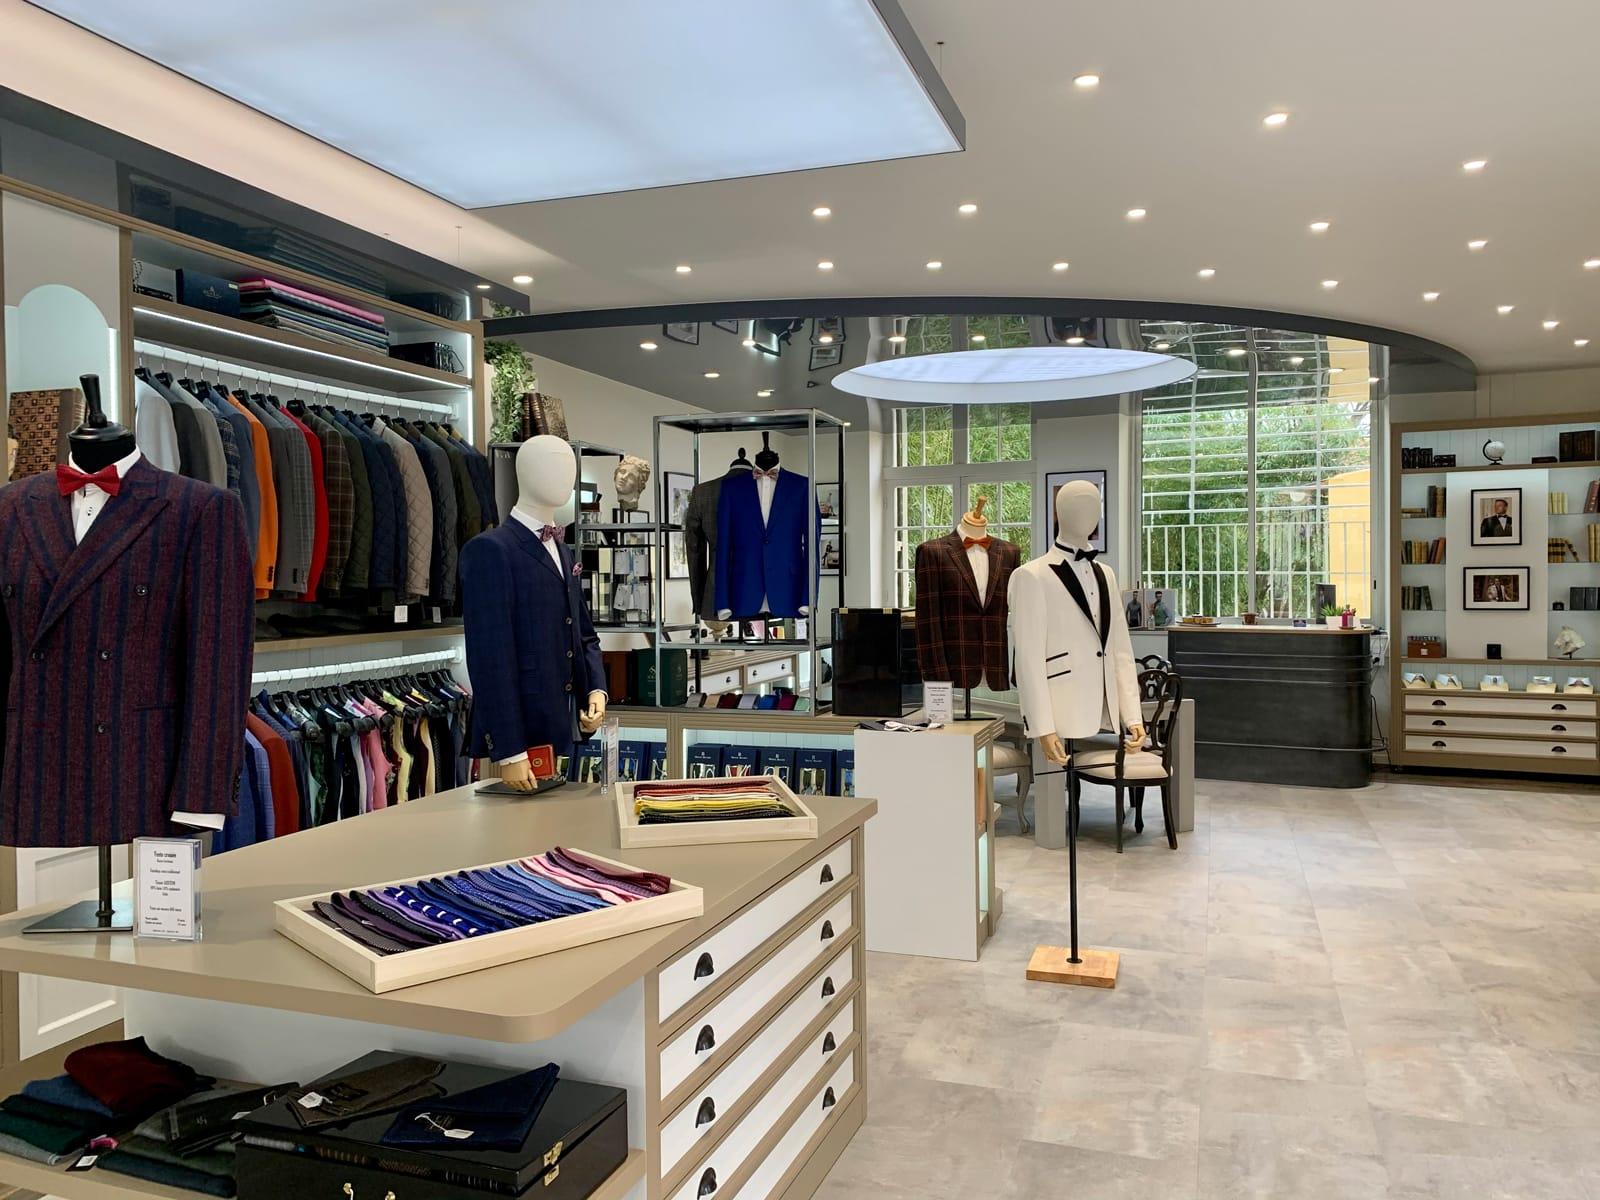 homme-chic-tailleur-devanture-boutique-salon-de-provence